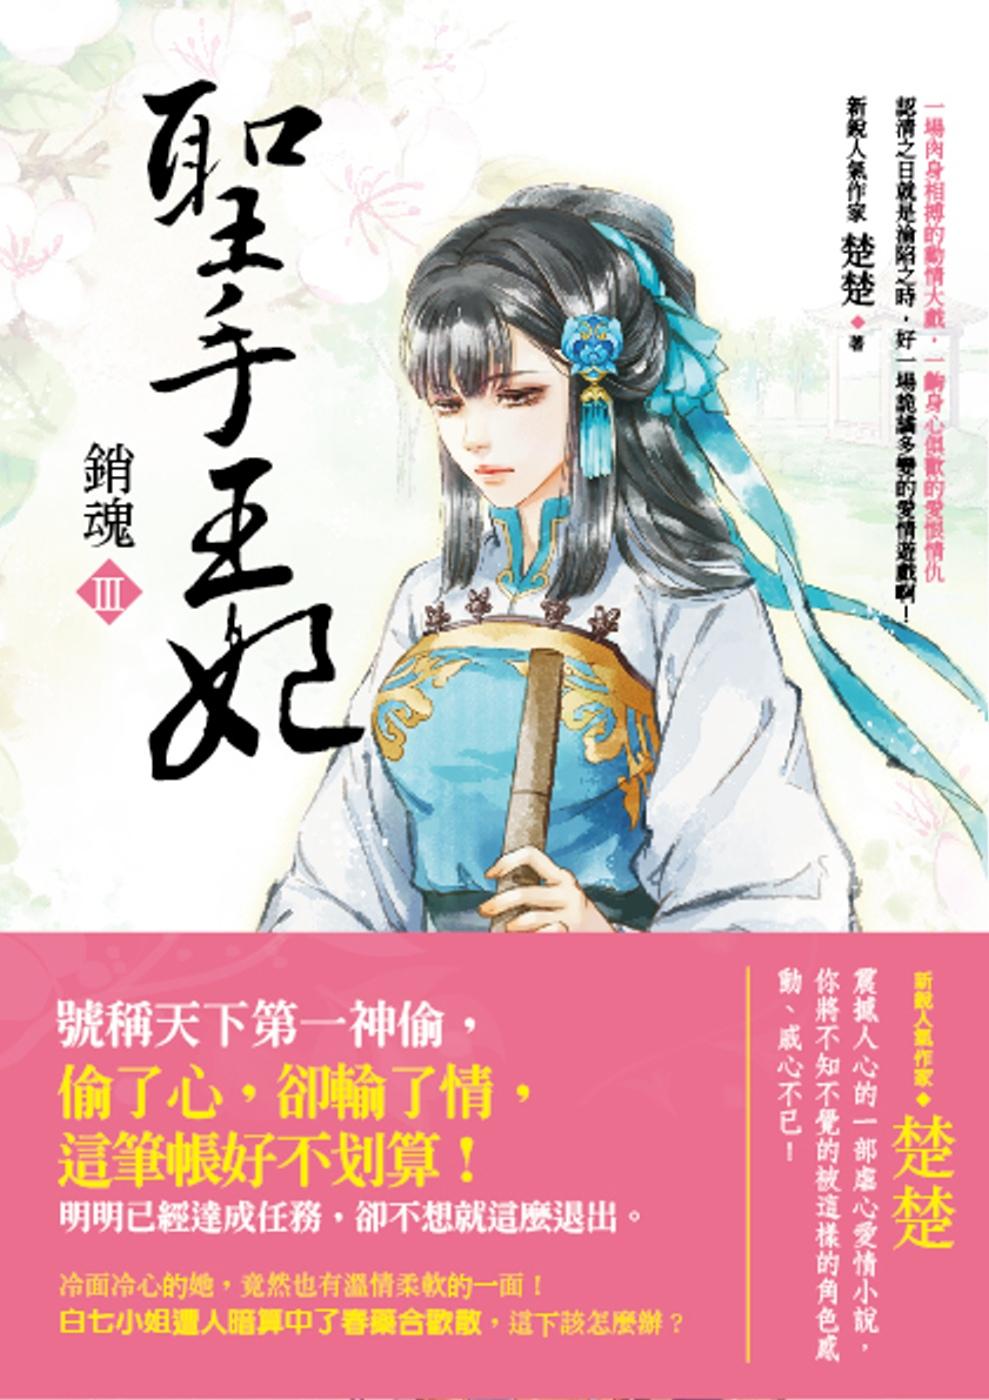 聖手王妃Ⅲ:銷魂